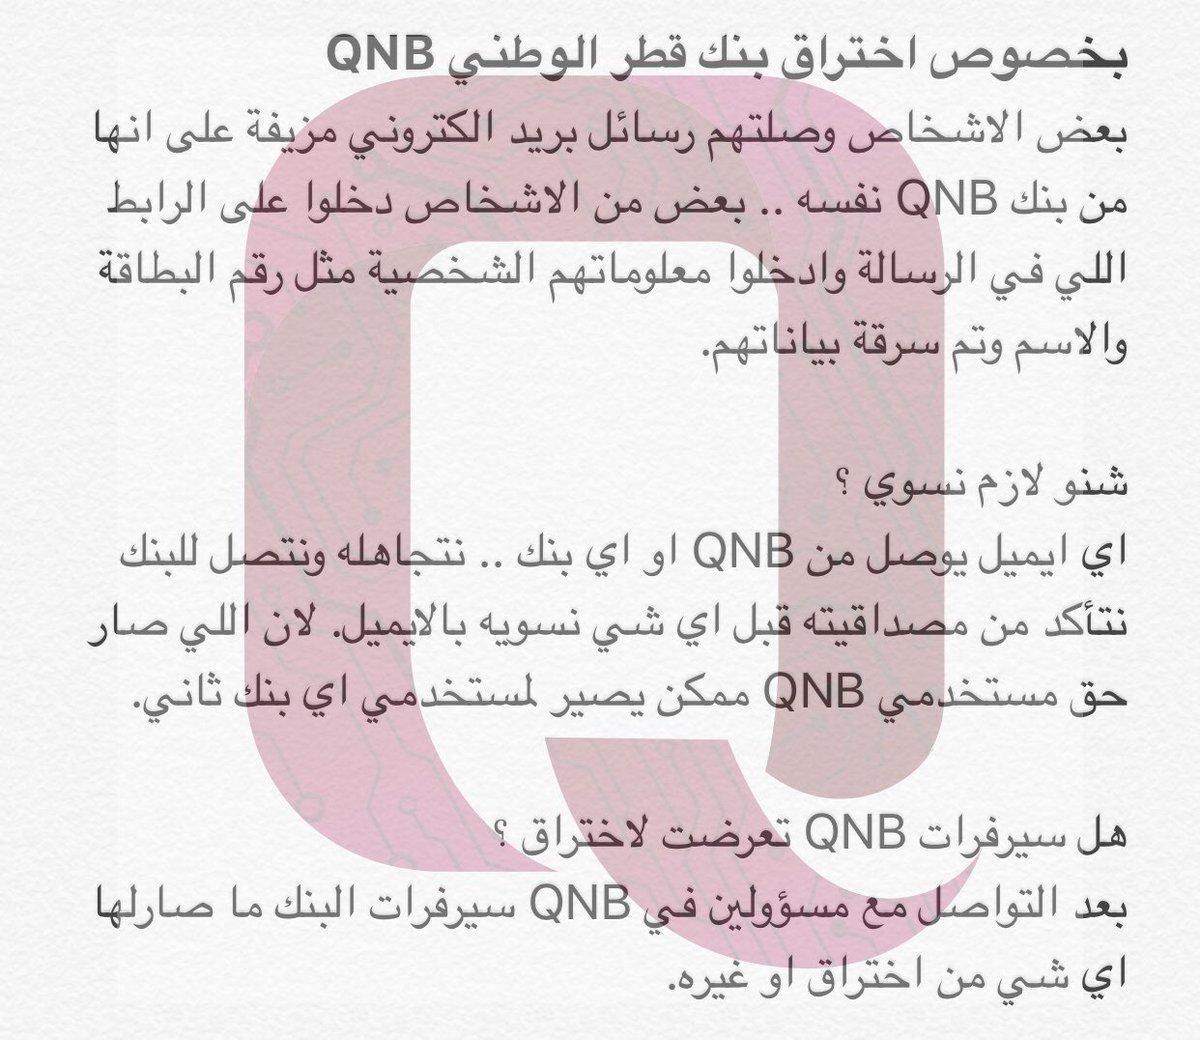 """قطر نولوجي 🖥 en Twitter: """"بخصوص الاخبار عن اختراق بنك قطر الوطني QNB هنا  توضيح للموضوع كامل بعد التواصل مع البنك والاطلاع على كل شي تم نشره… """""""